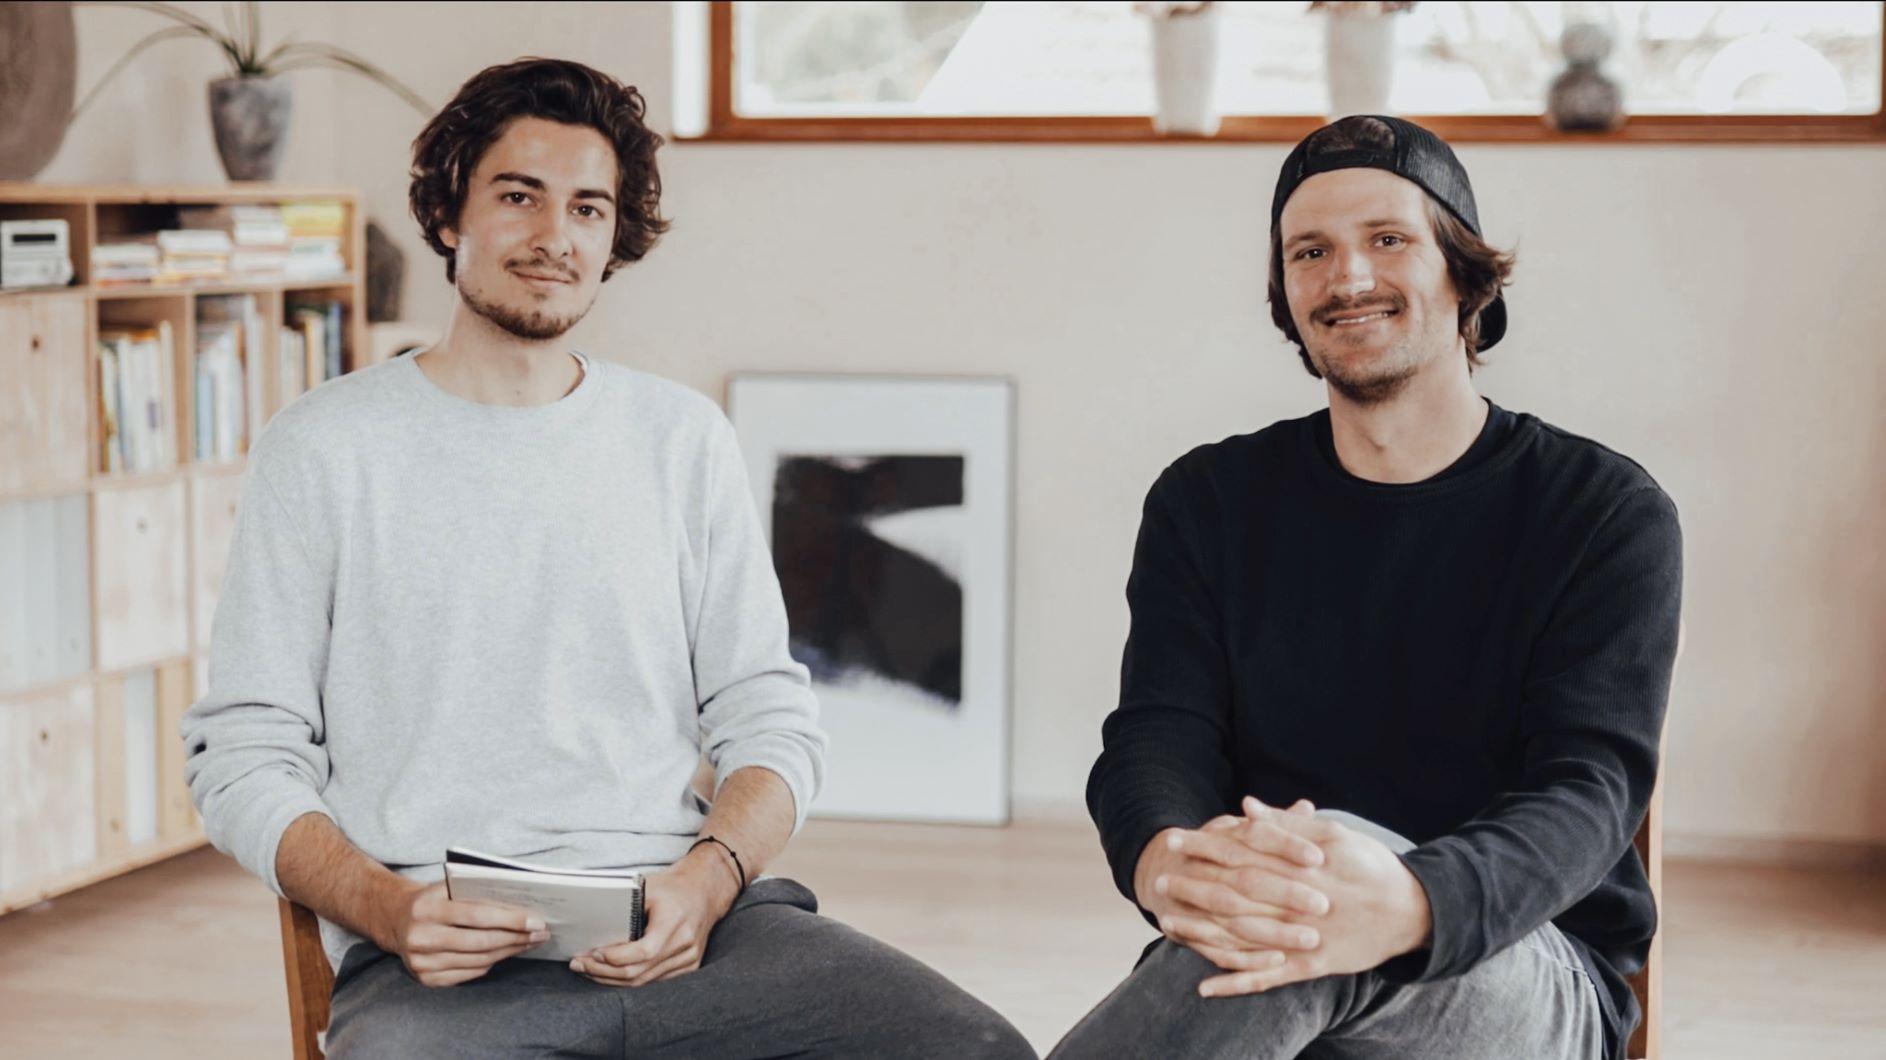 Bildschirmfoto 2020 03 28 um 20.10.02 02 - Startups rund um den Bodensee